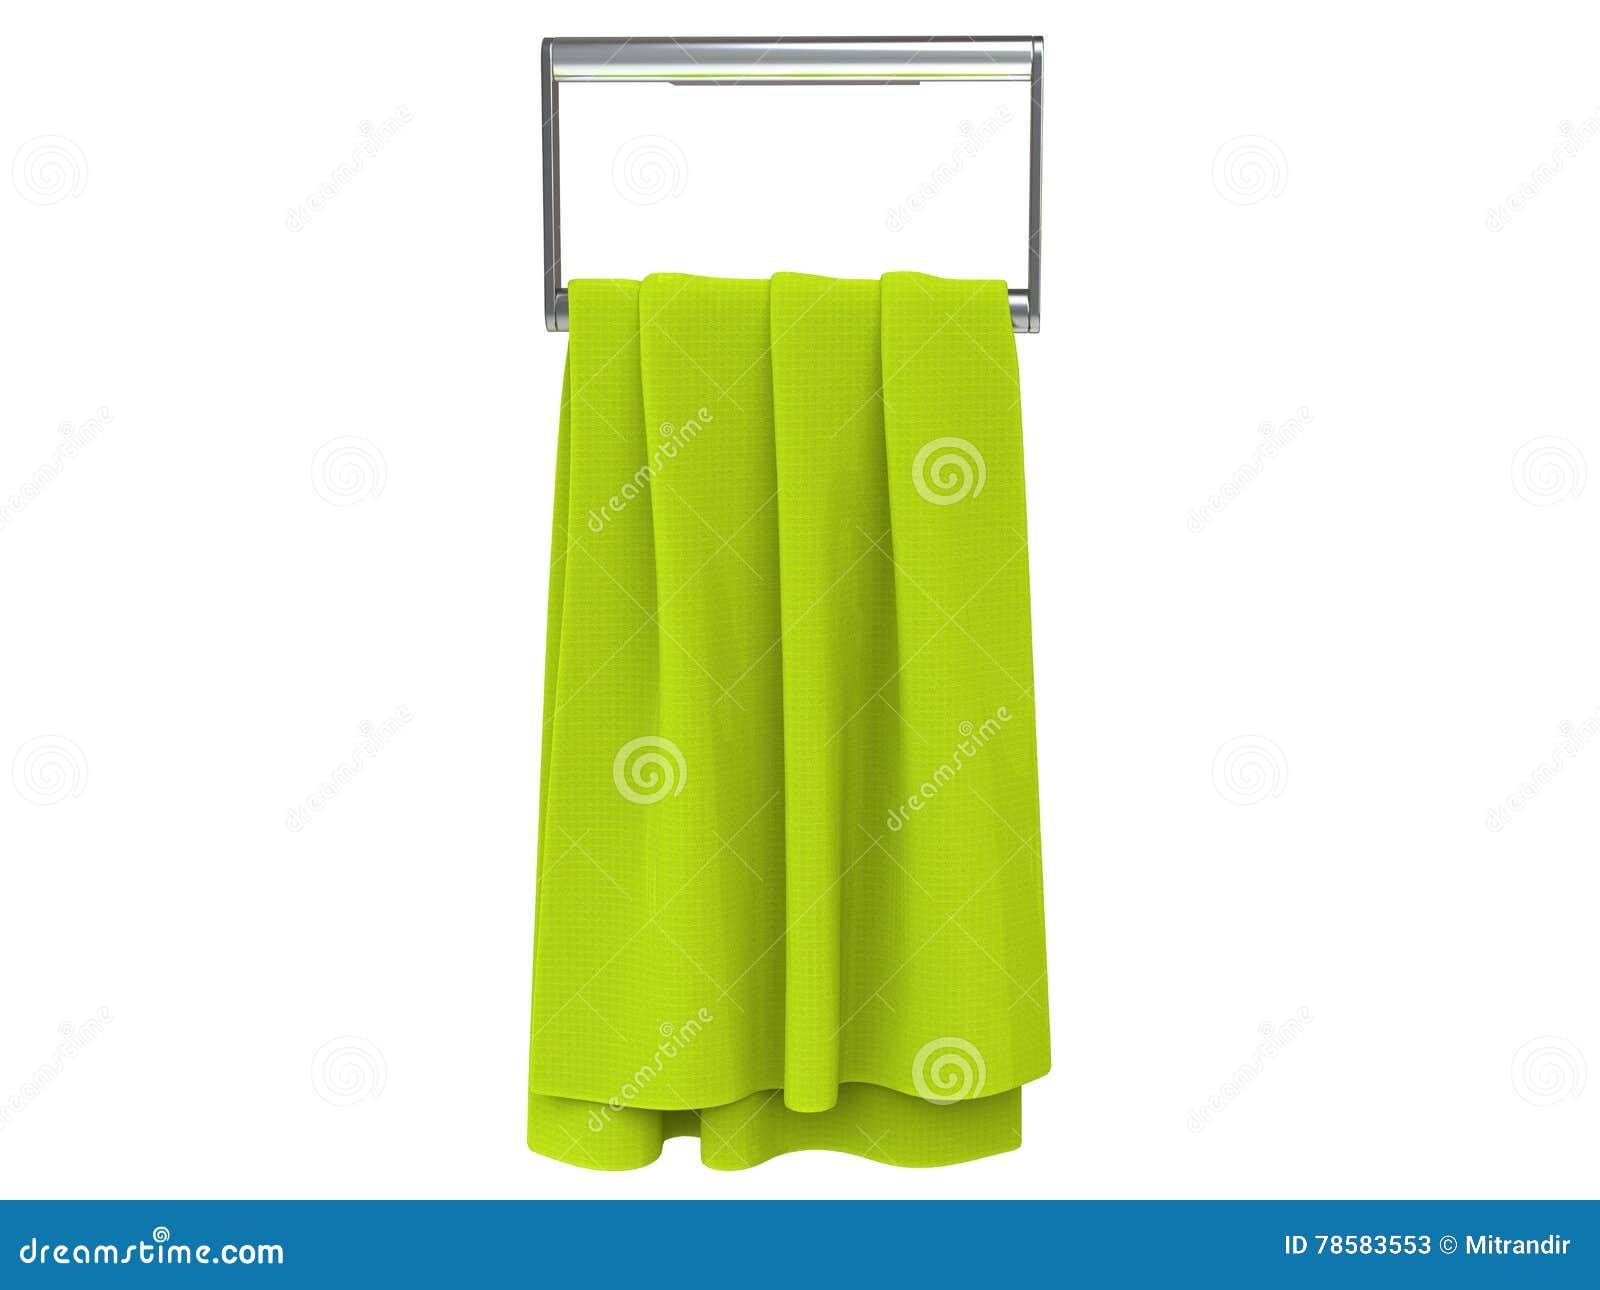 Hellgrünes Tuch auf einem Tuchaufhänger